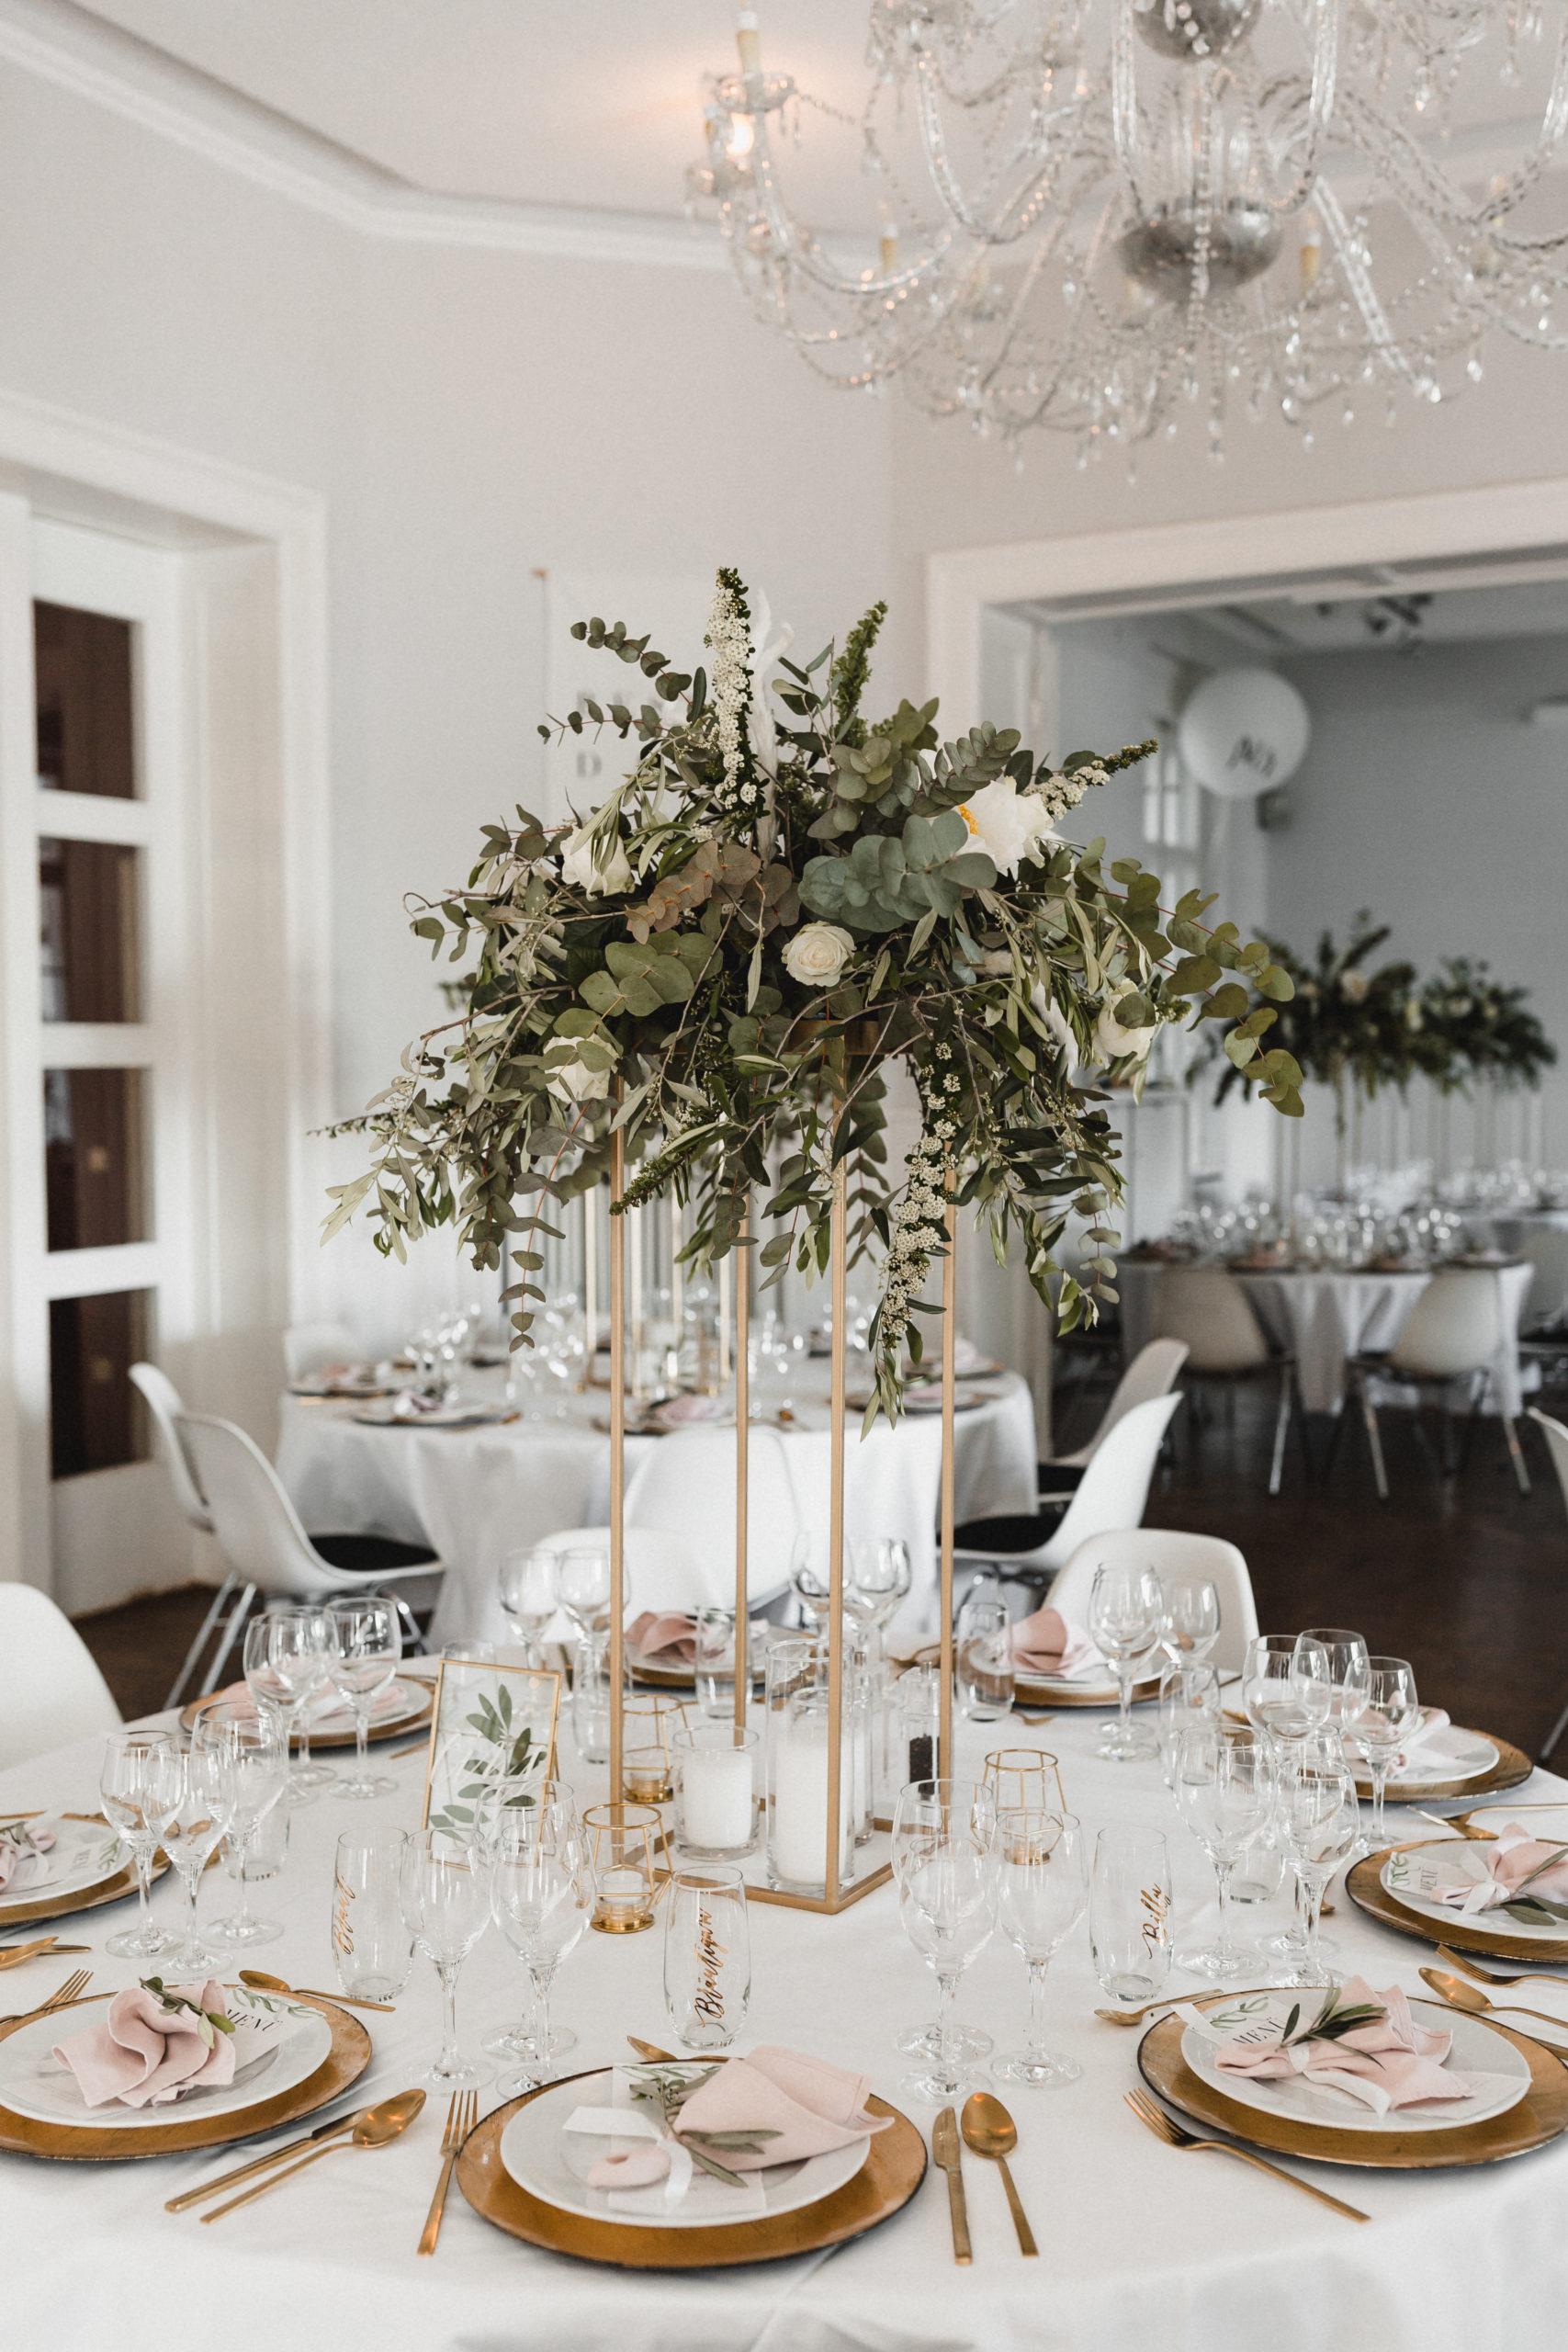 Das Table Setting hat mir bei der Hochzeitsdekoration besonders viel Spaß gemacht. Hier seht ihr die Kombination aus Centerpiece (DIY), der weißen, bodenlangen Tischdecke (Location), den rosa Leinenservietten von VonRock (Geliehen) und goldenem Besteck (Gekauft) und Untertellern (Geliehen von der Floristin).